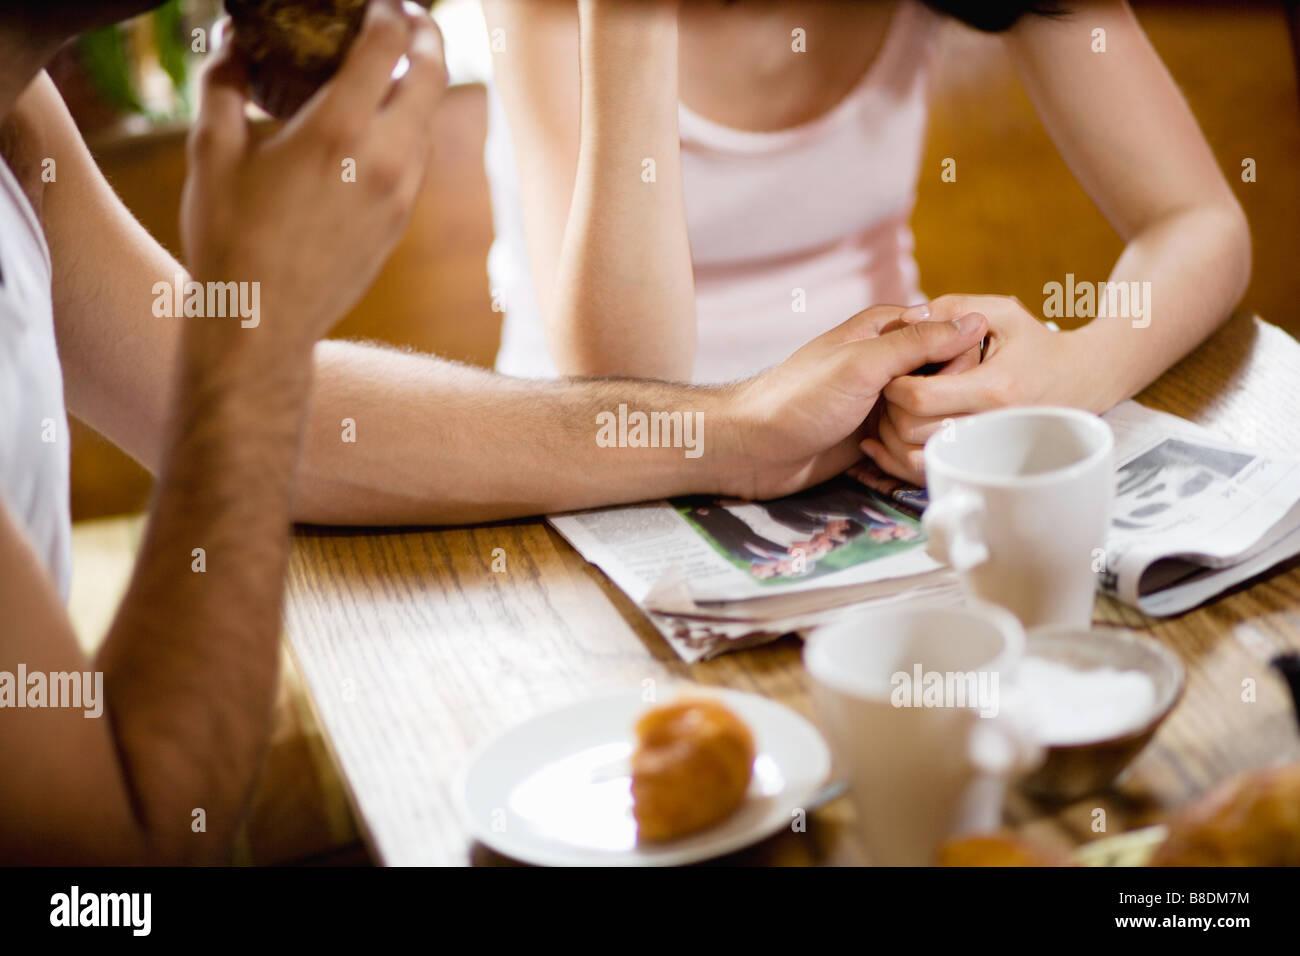 Immagine ritagliata di un giovane a colazione Immagini Stock